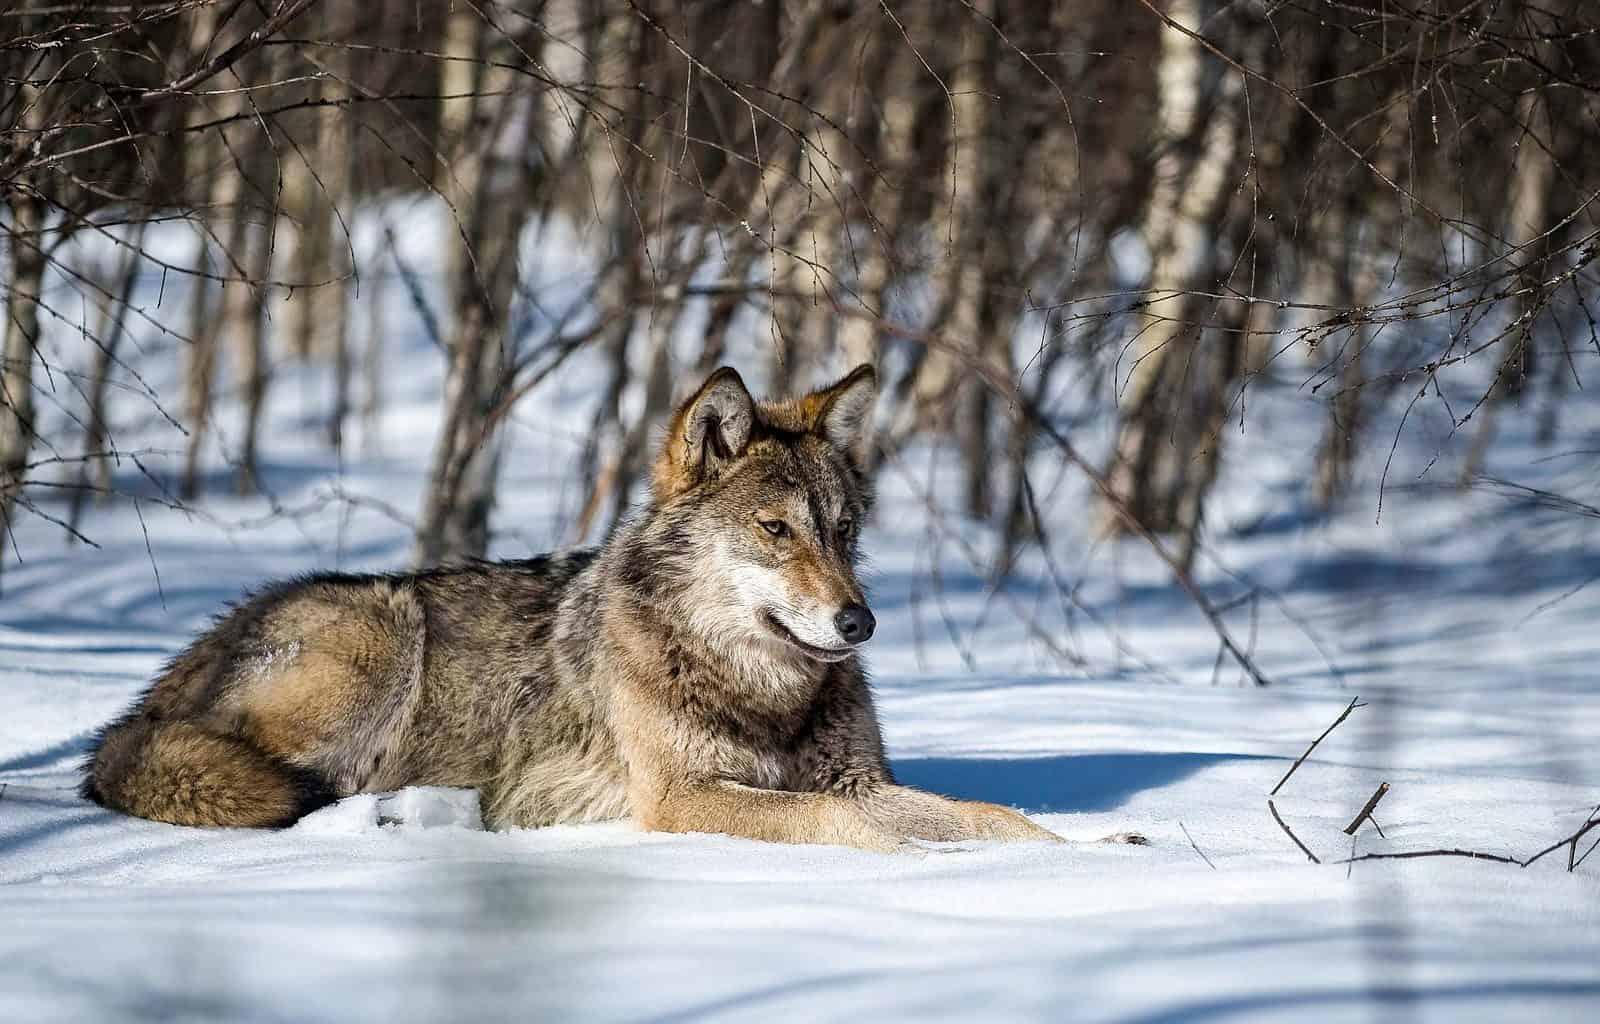 Grauwolf liegt im Schnee c Wild Wonders of Europe_Sergey Gorshkov_WWF.jpg - © WWF All Rights Reserved